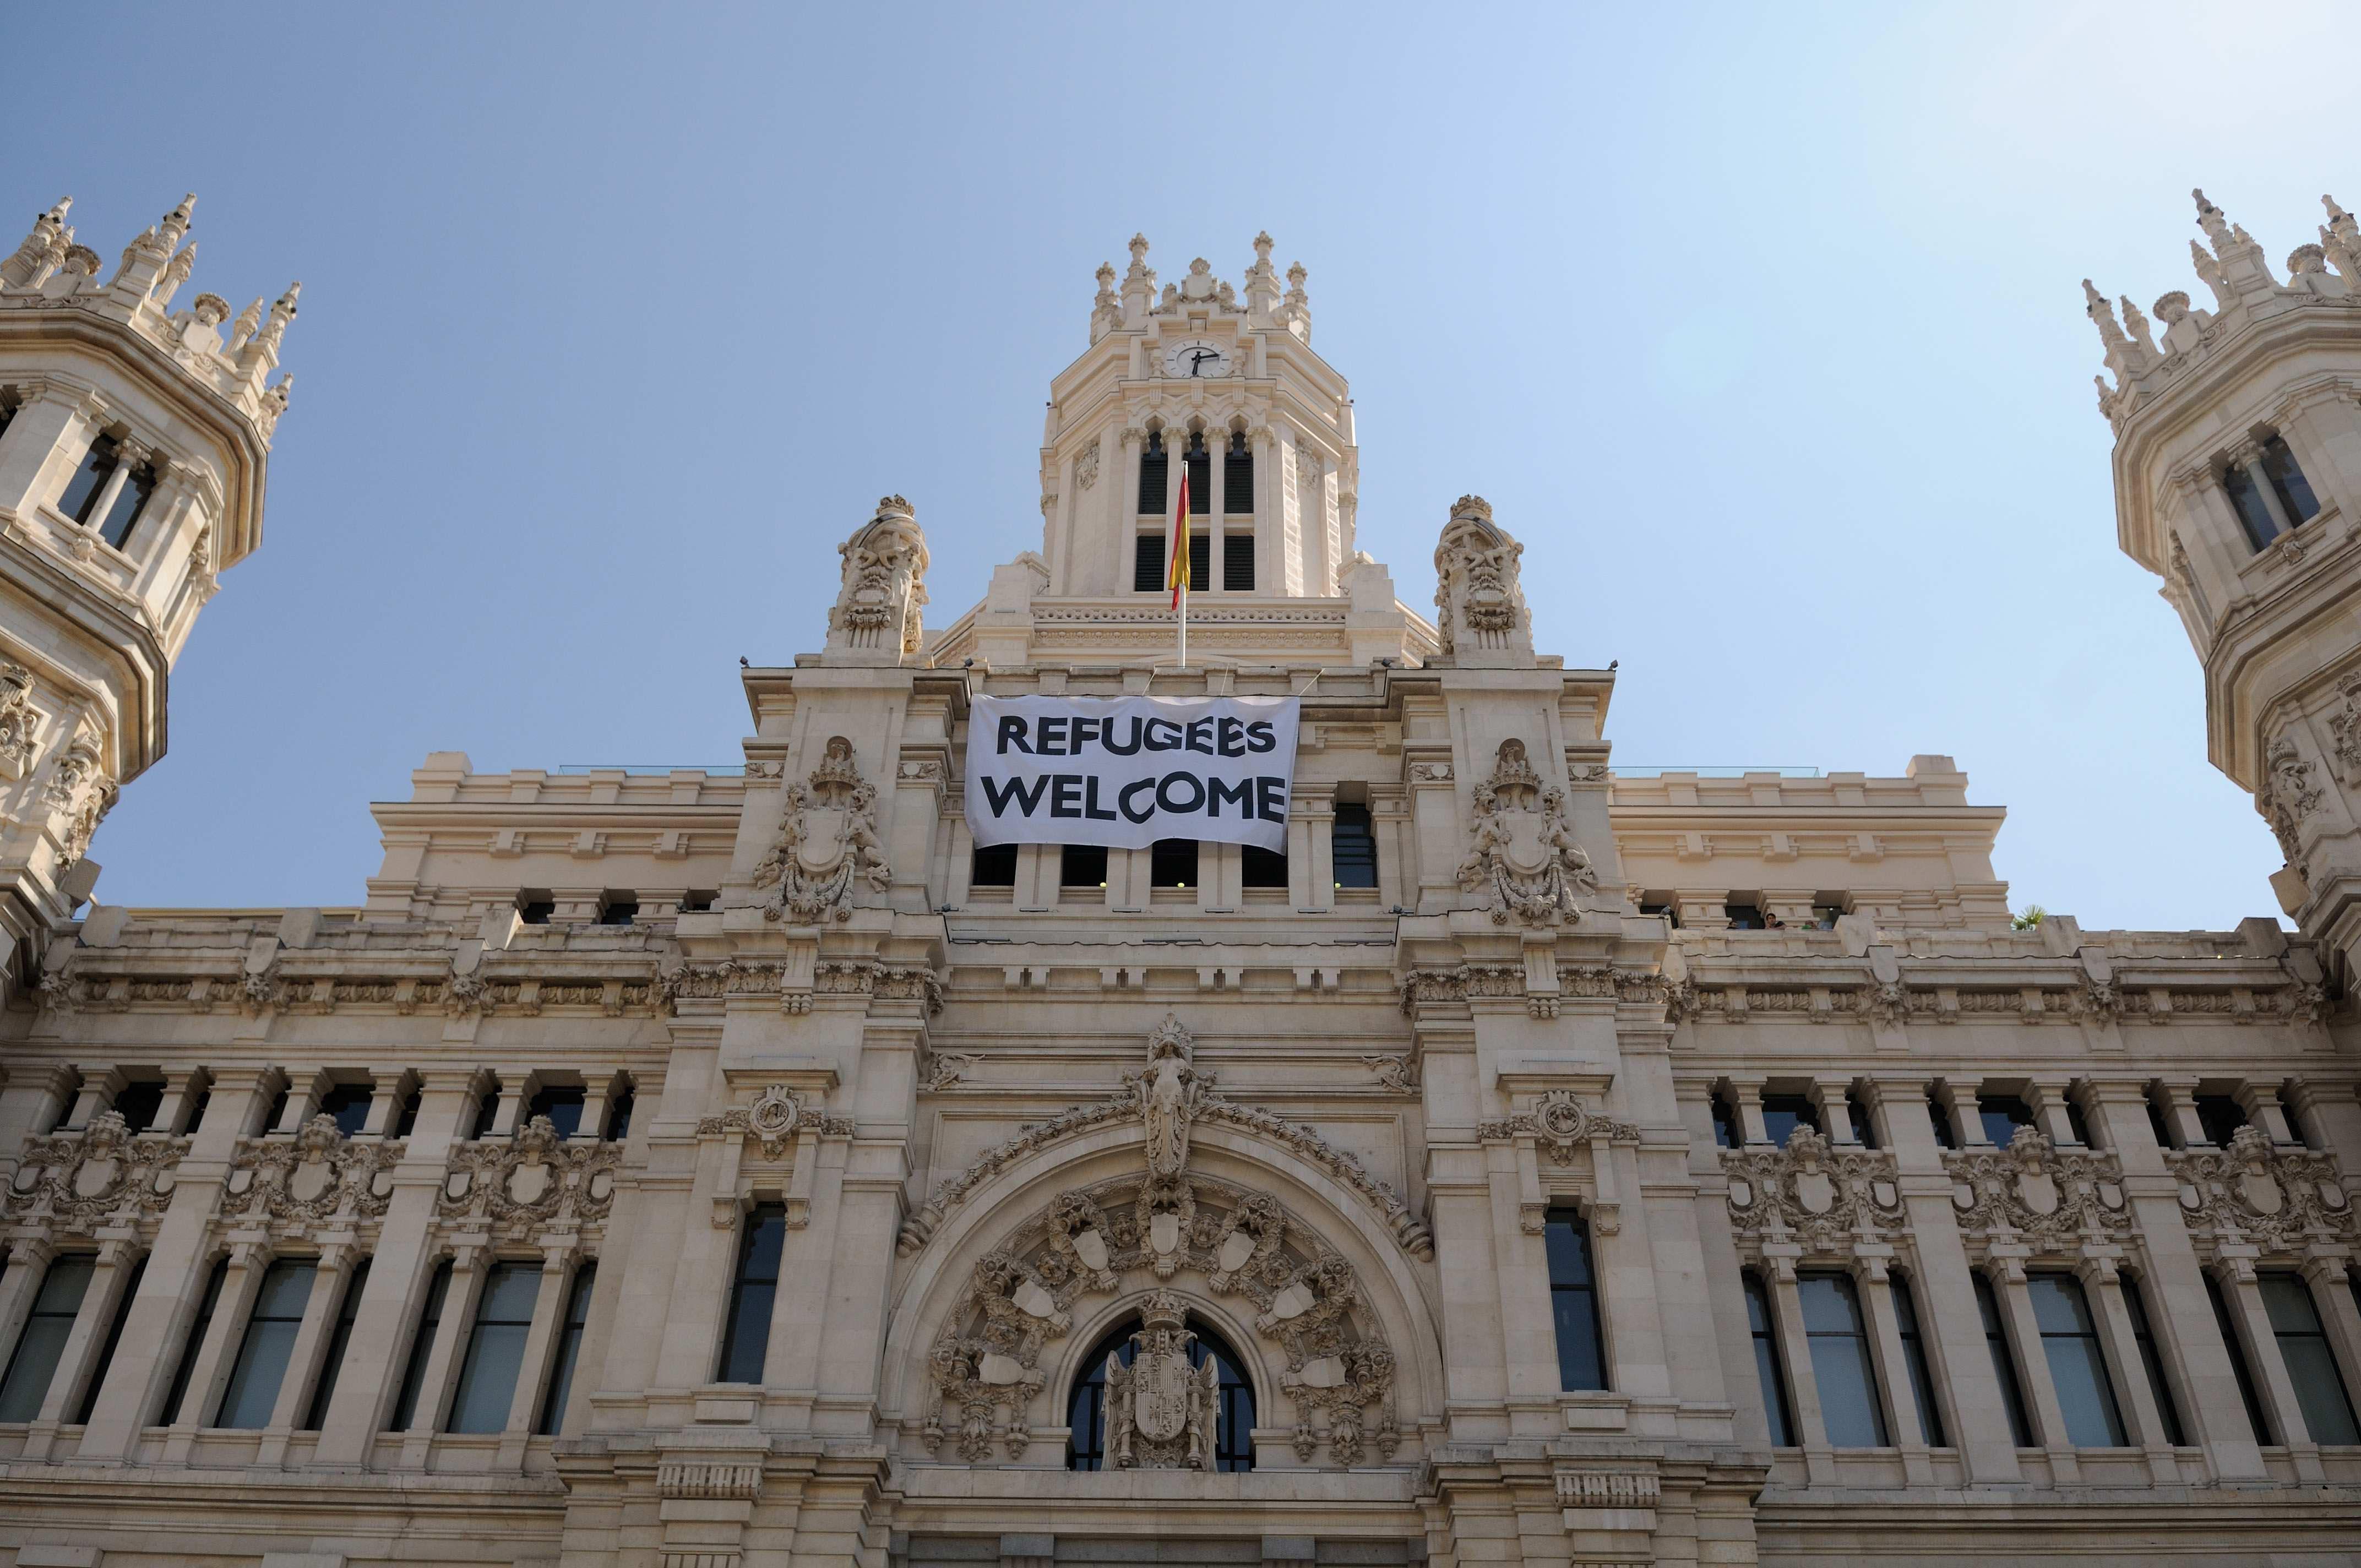 Madrid con los refugiados ayuntamiento de madrid - Casarse ayuntamiento madrid ...